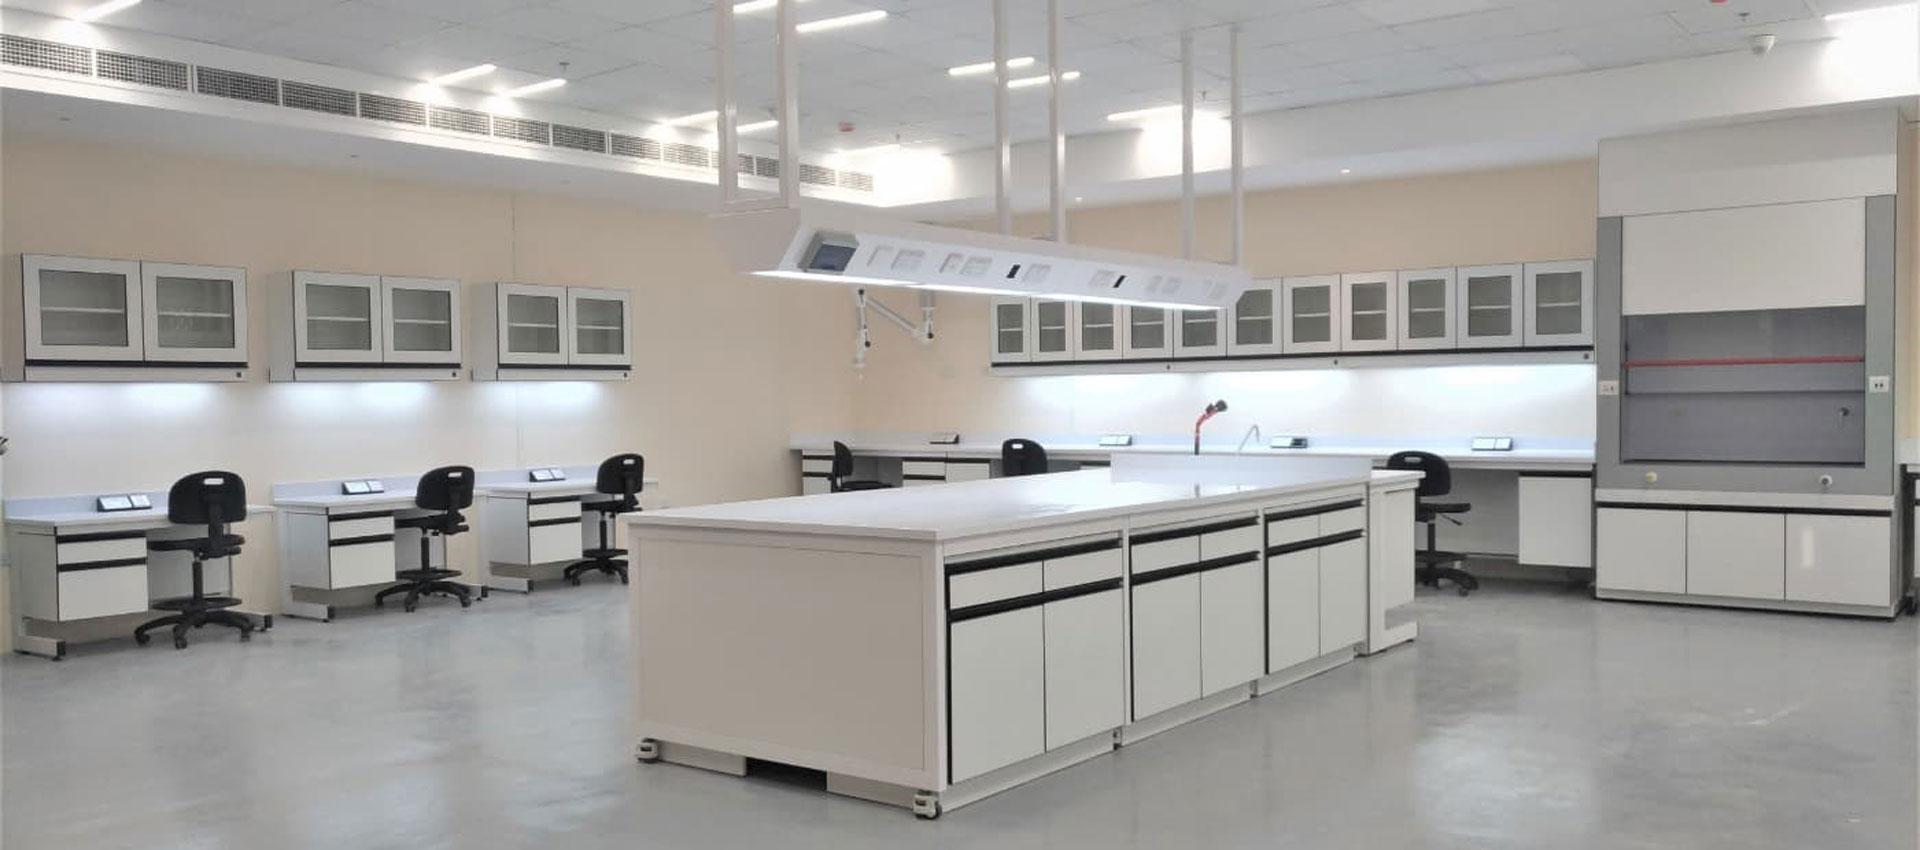 مشاوره ، تولید و اجرای انواع هود آزمایشگاهی کارن پویا نوآور